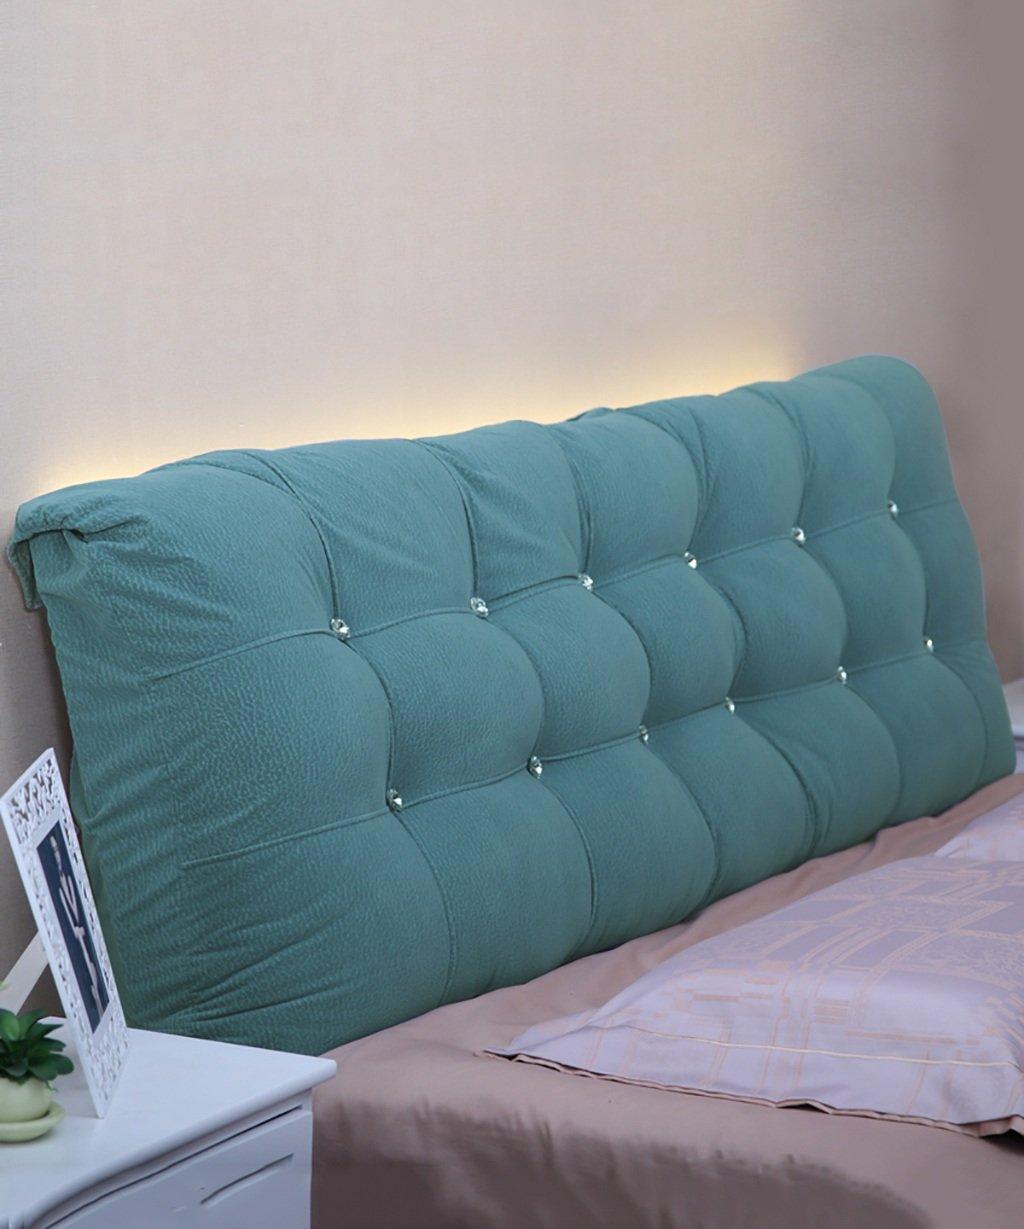 IAIZI 綿マットレス枕ベッドの背もたれの枕ソフトバッグ大取り外し可能なダブル枕クッション/フル/大/特大 (色 : 青, サイズ さいず : 190*15*58cm) B07RV1MK11 青 190*15*58cm